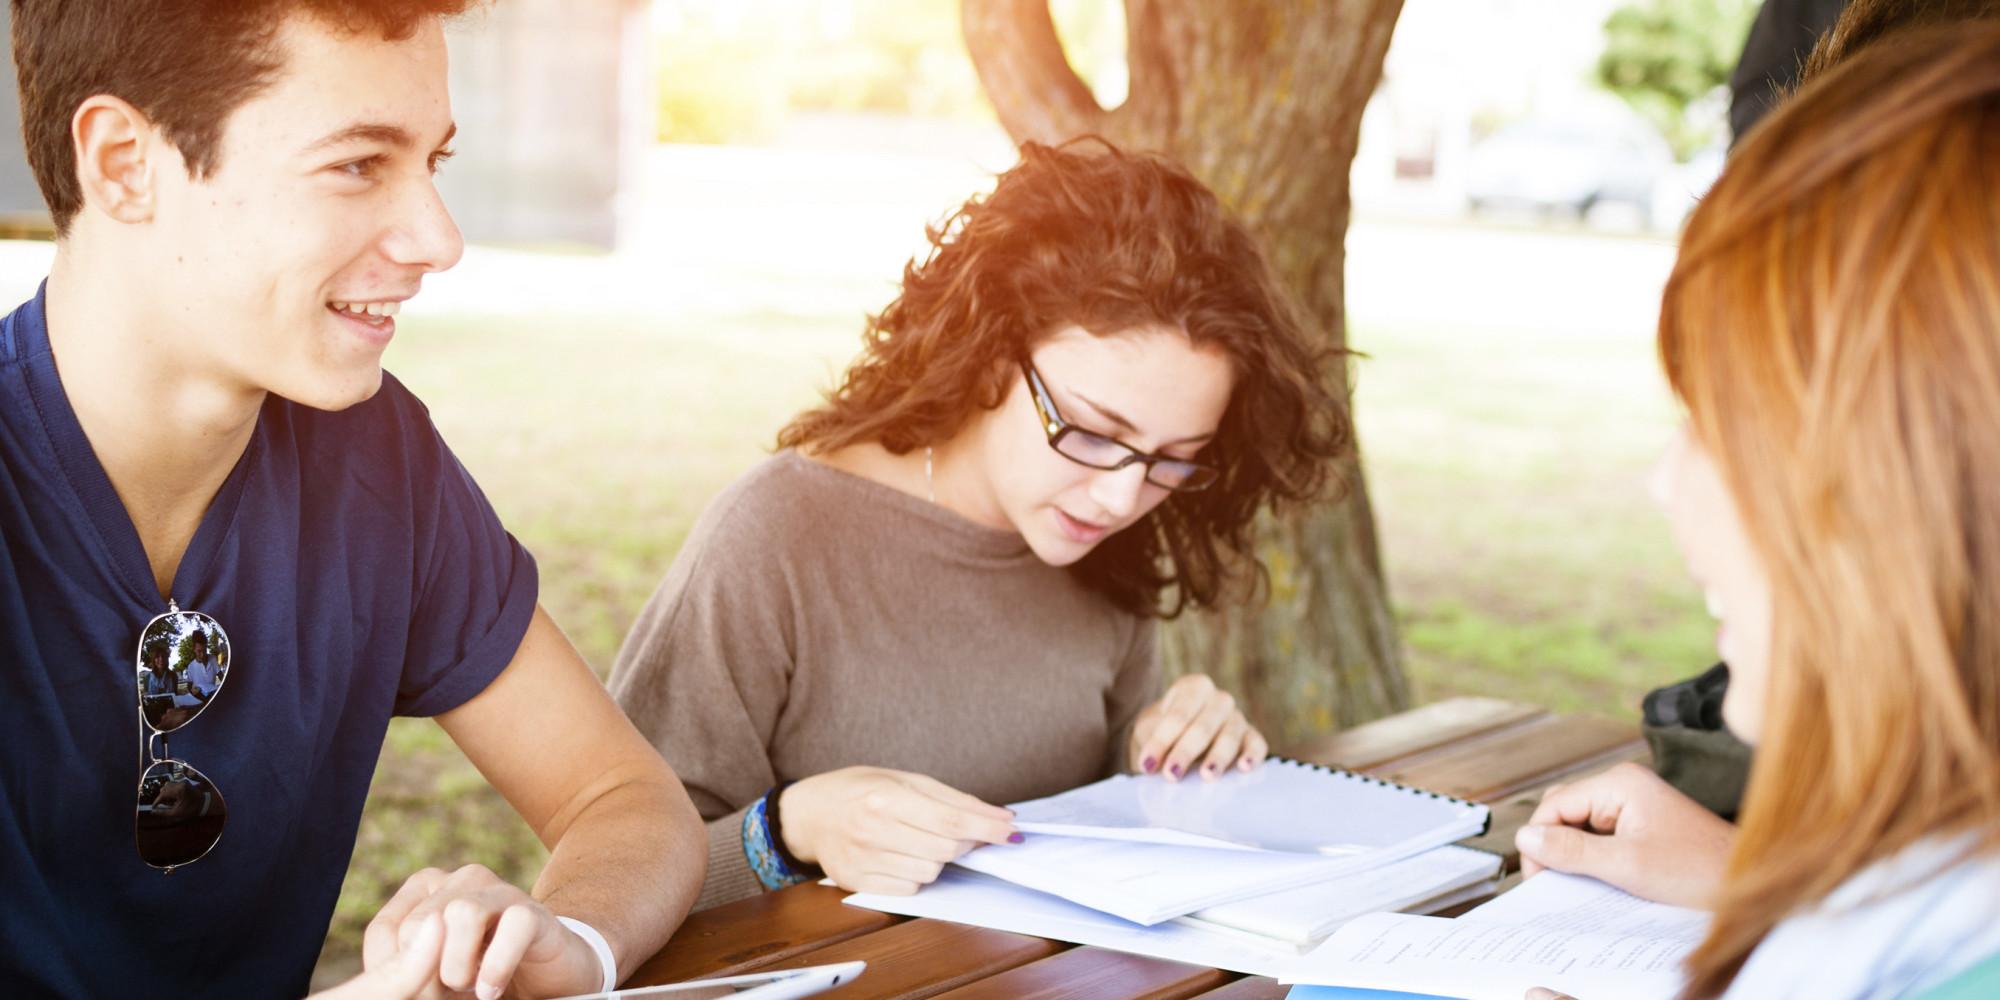 Aproape 30% dintre românii care studiază în străinătate vor să se întoarcă acasă